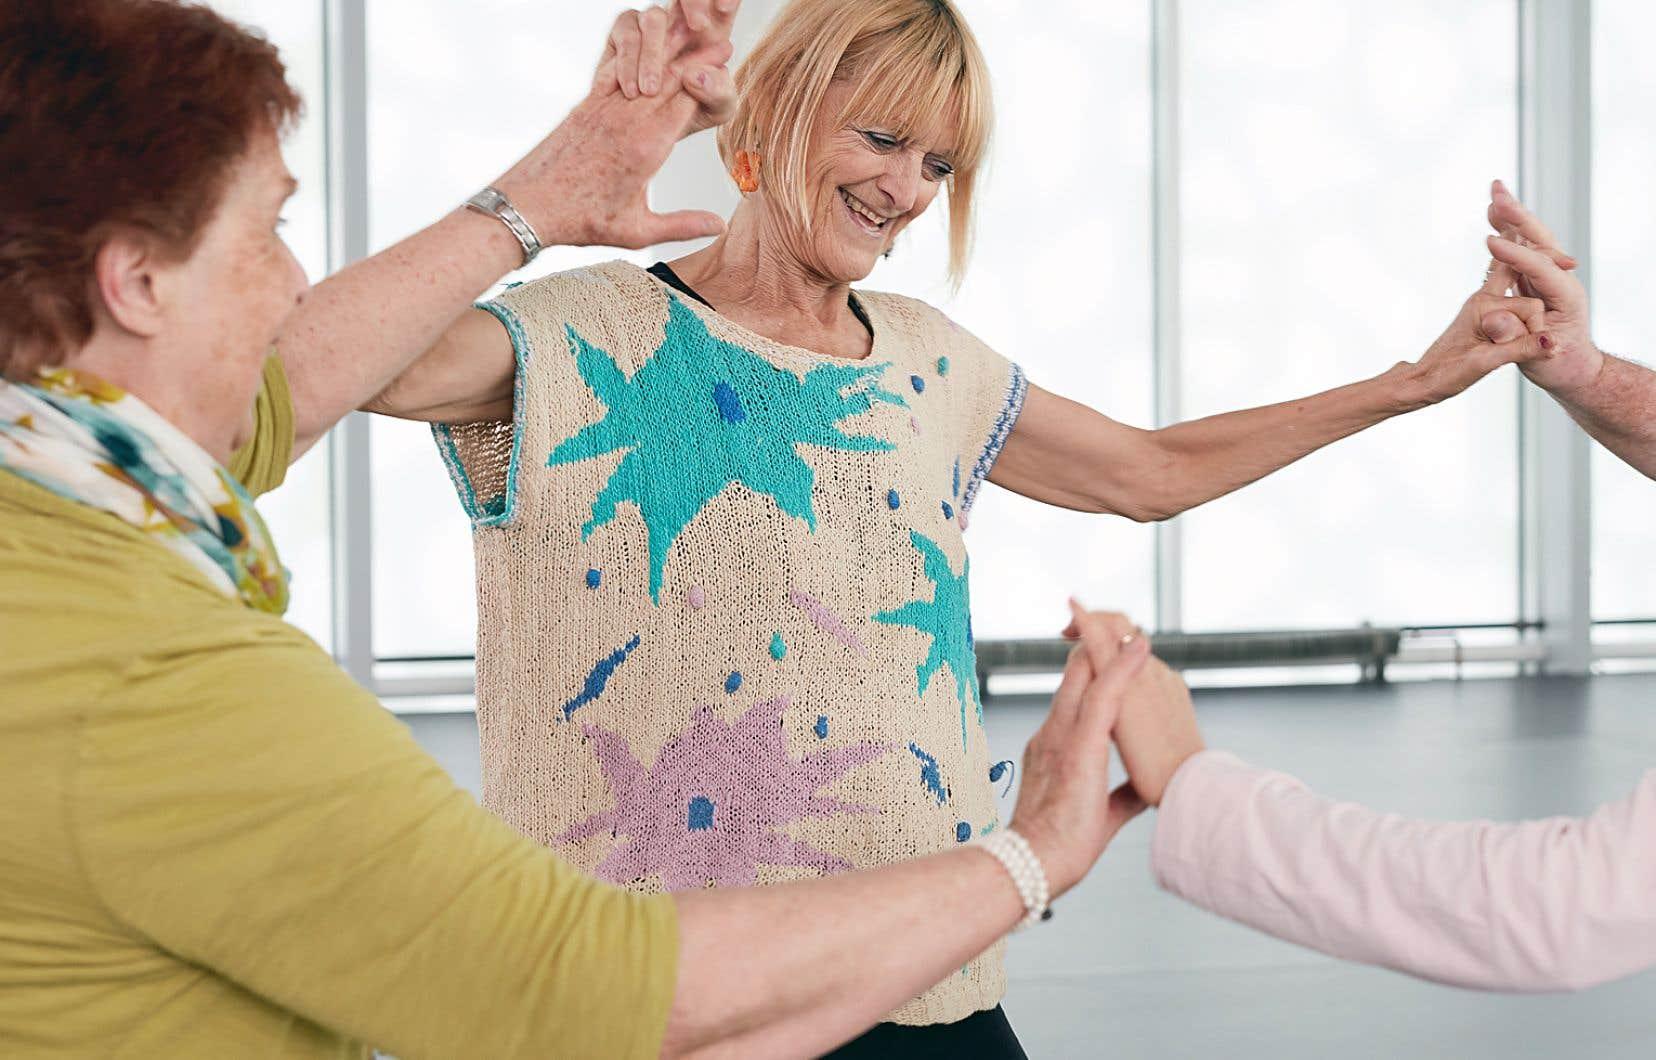 Les cours de danse-thérapie sont adaptés à différentes conditions, notamment la maladie de Parkinson.